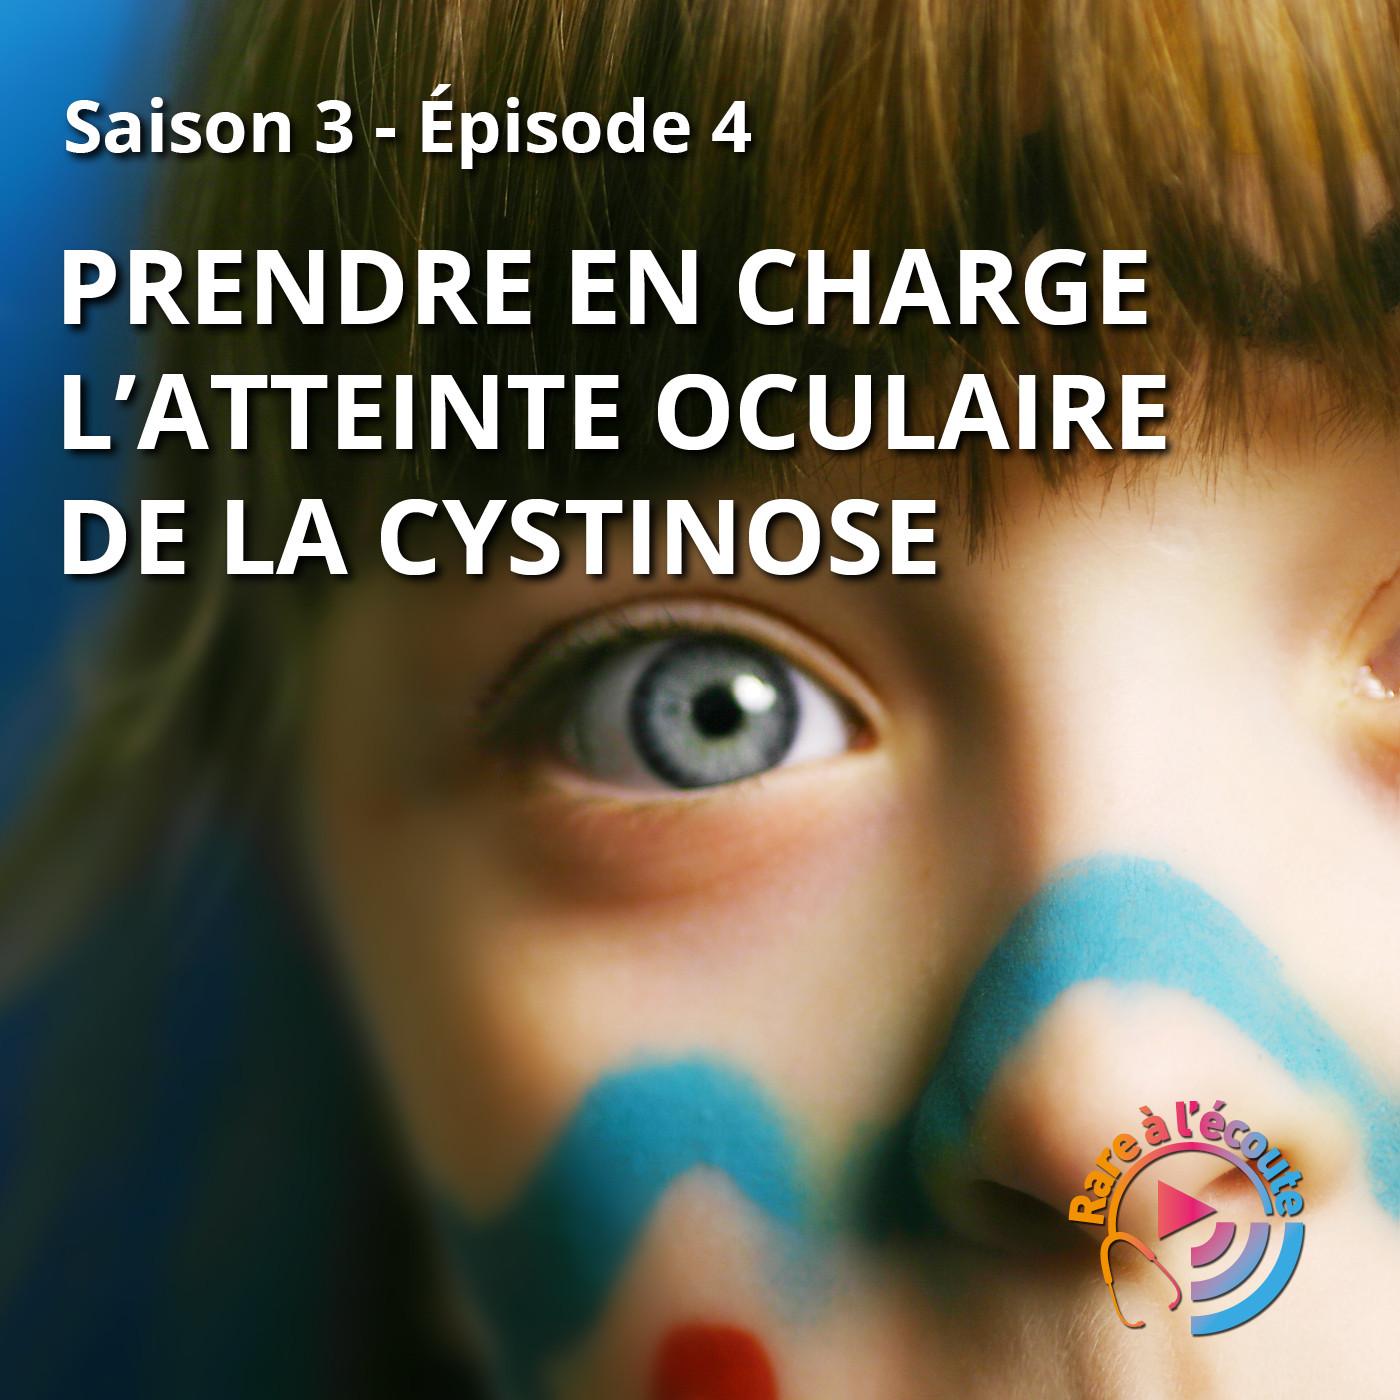 Prendre en charge l'atteinte oculaire de la Cystinose